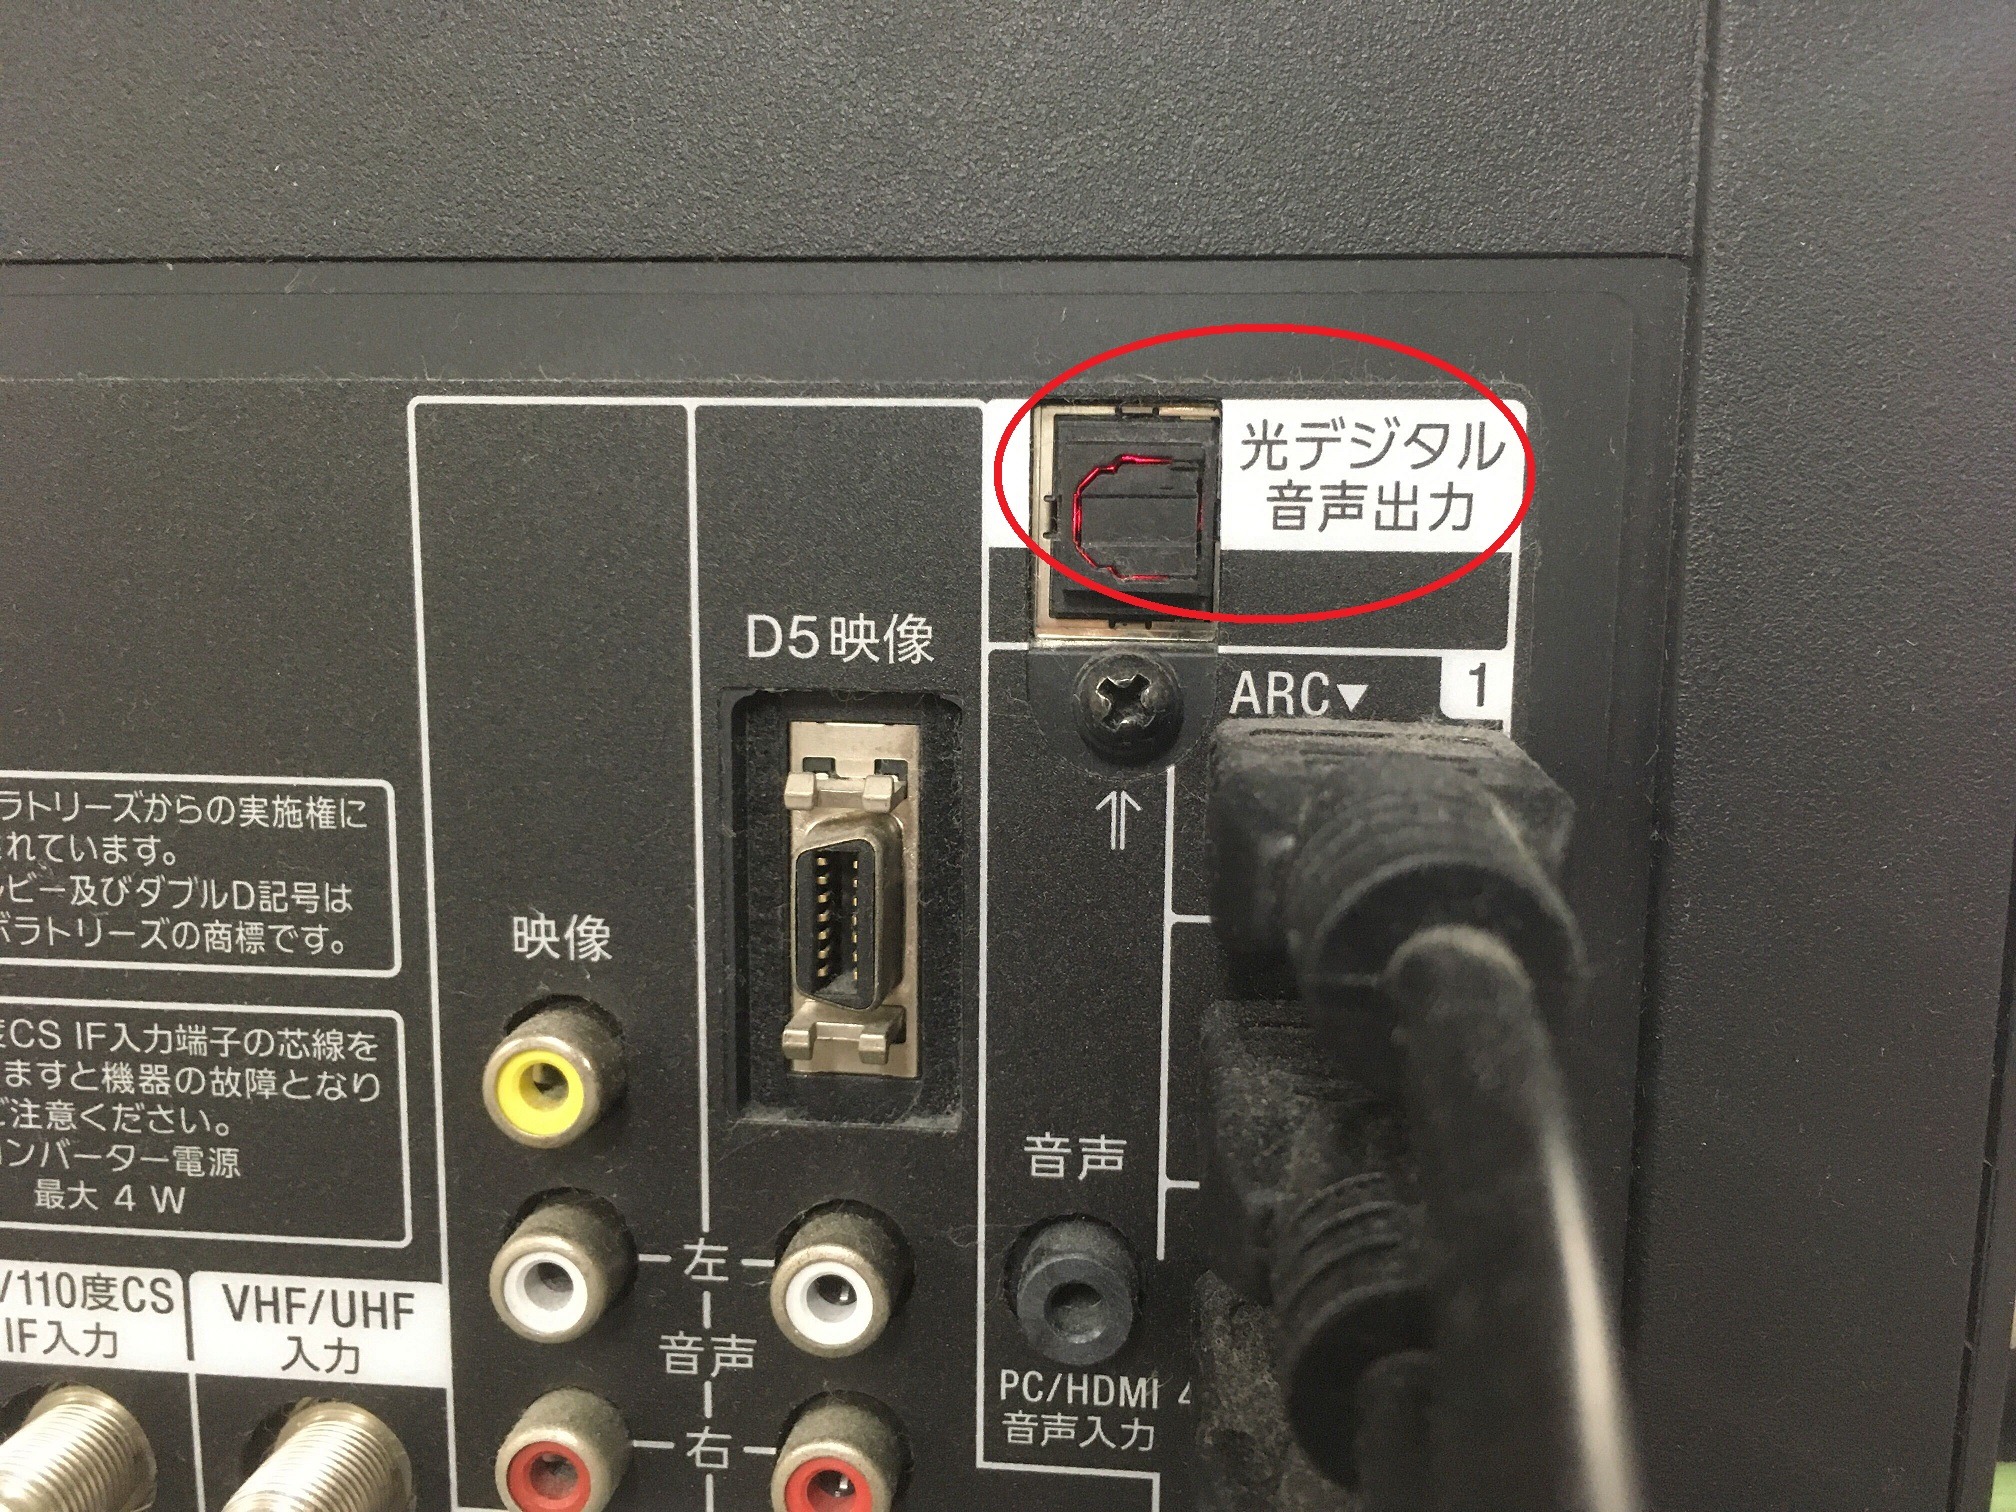 光デジタル音声出力 ADI-2 DAC FS